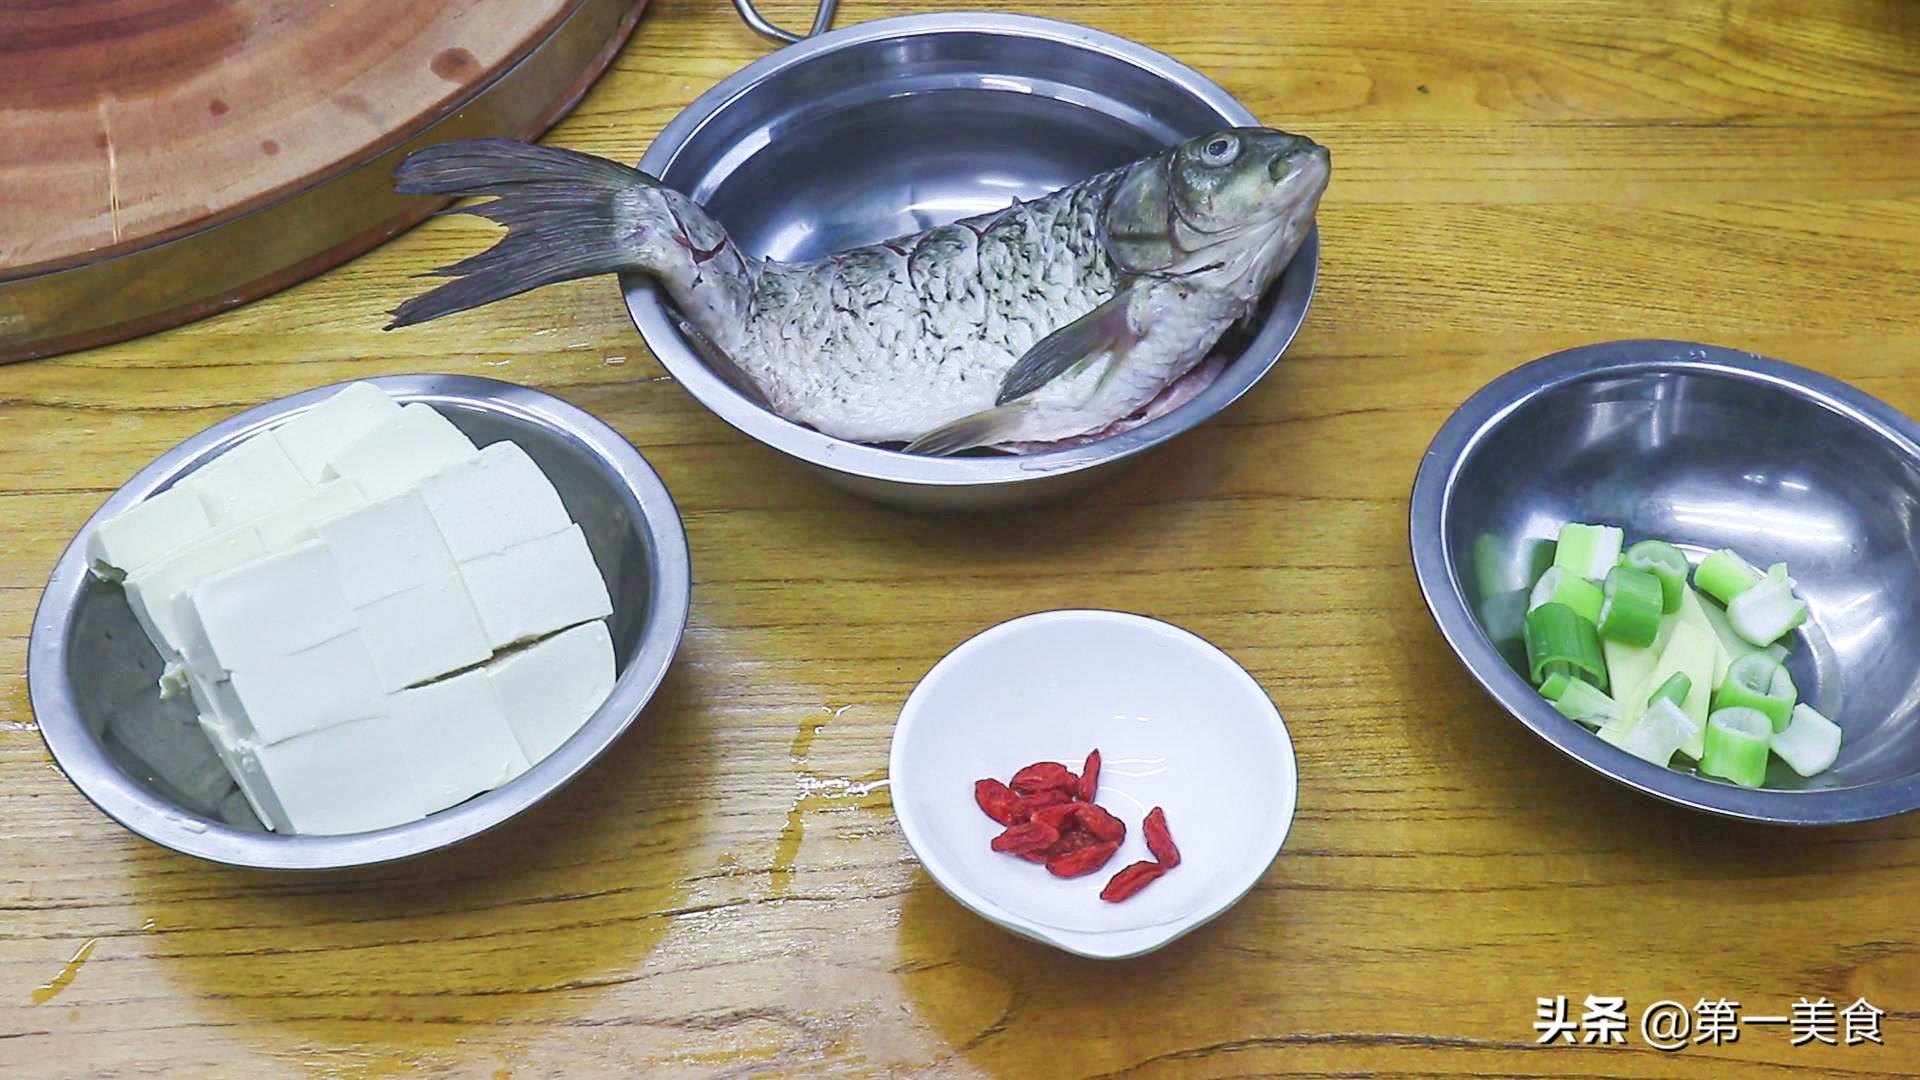 鲫鱼炖豆腐如何做汤白味鲜?学会2个小技巧,汤鲜不腥不破皮 美食做法 第3张